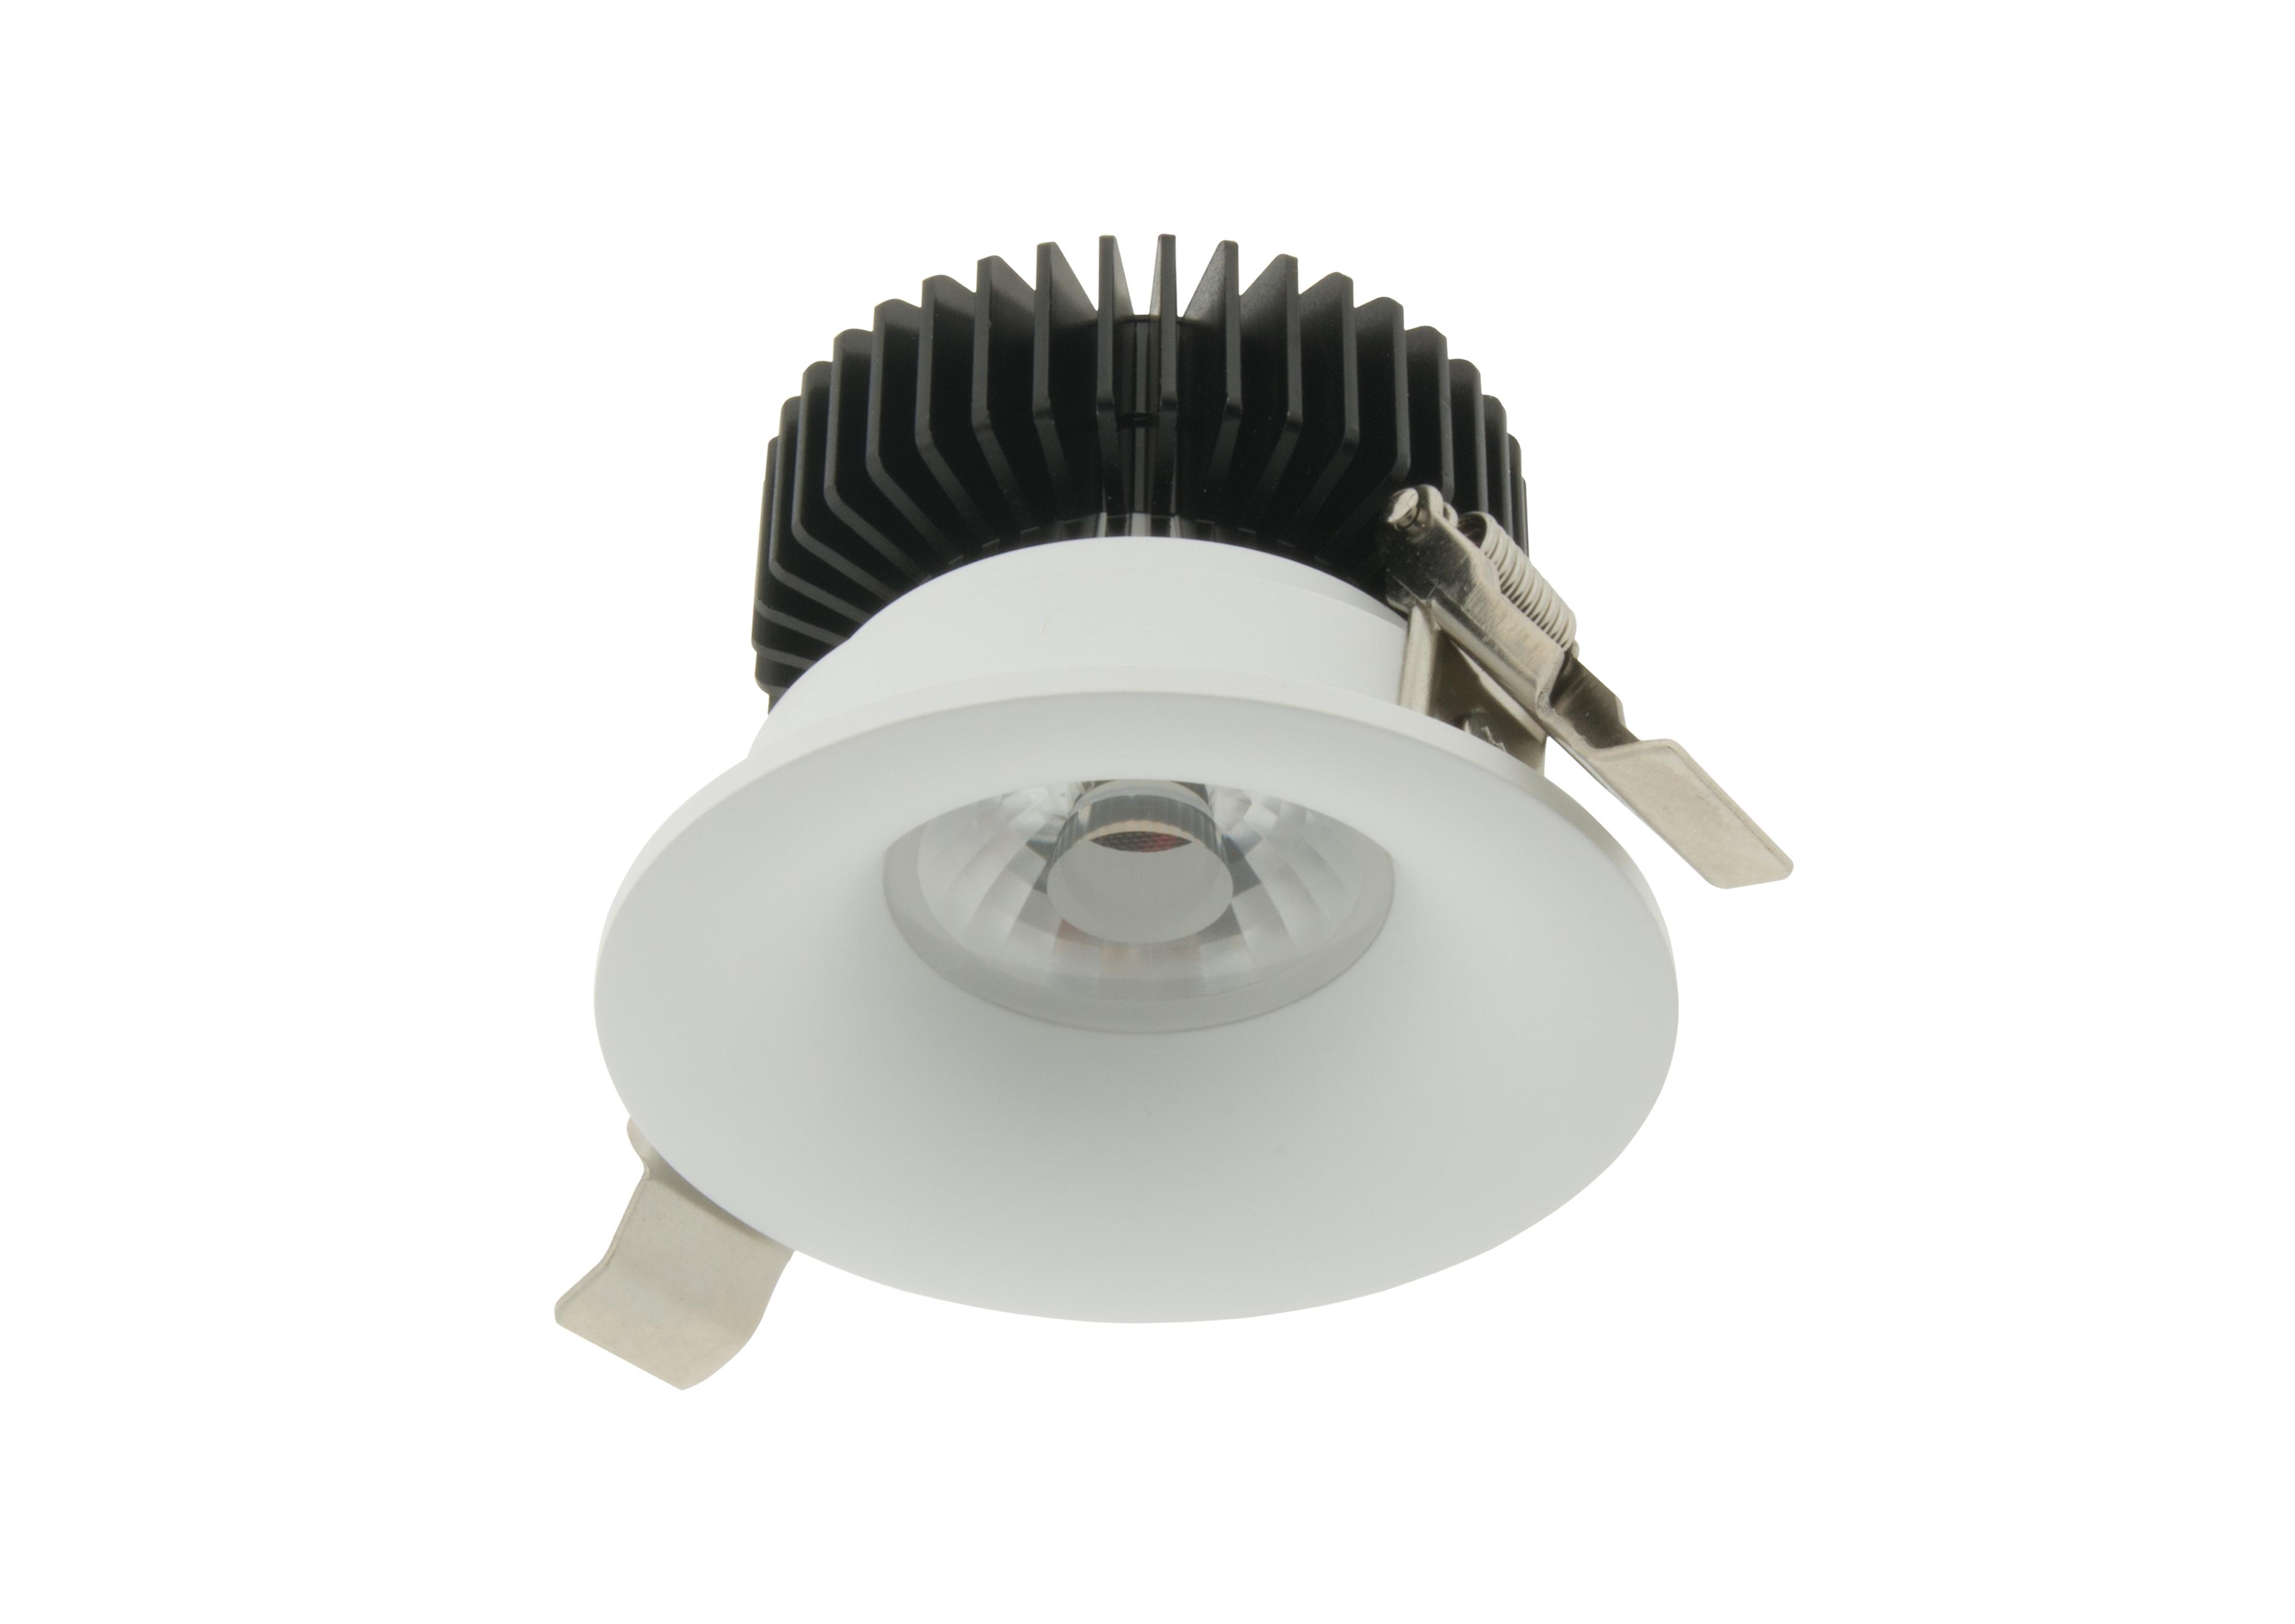 1 Stk LED Downlight 80 - IP43 | CRI/RA 97 (Starr) Warmweiß LILD080236